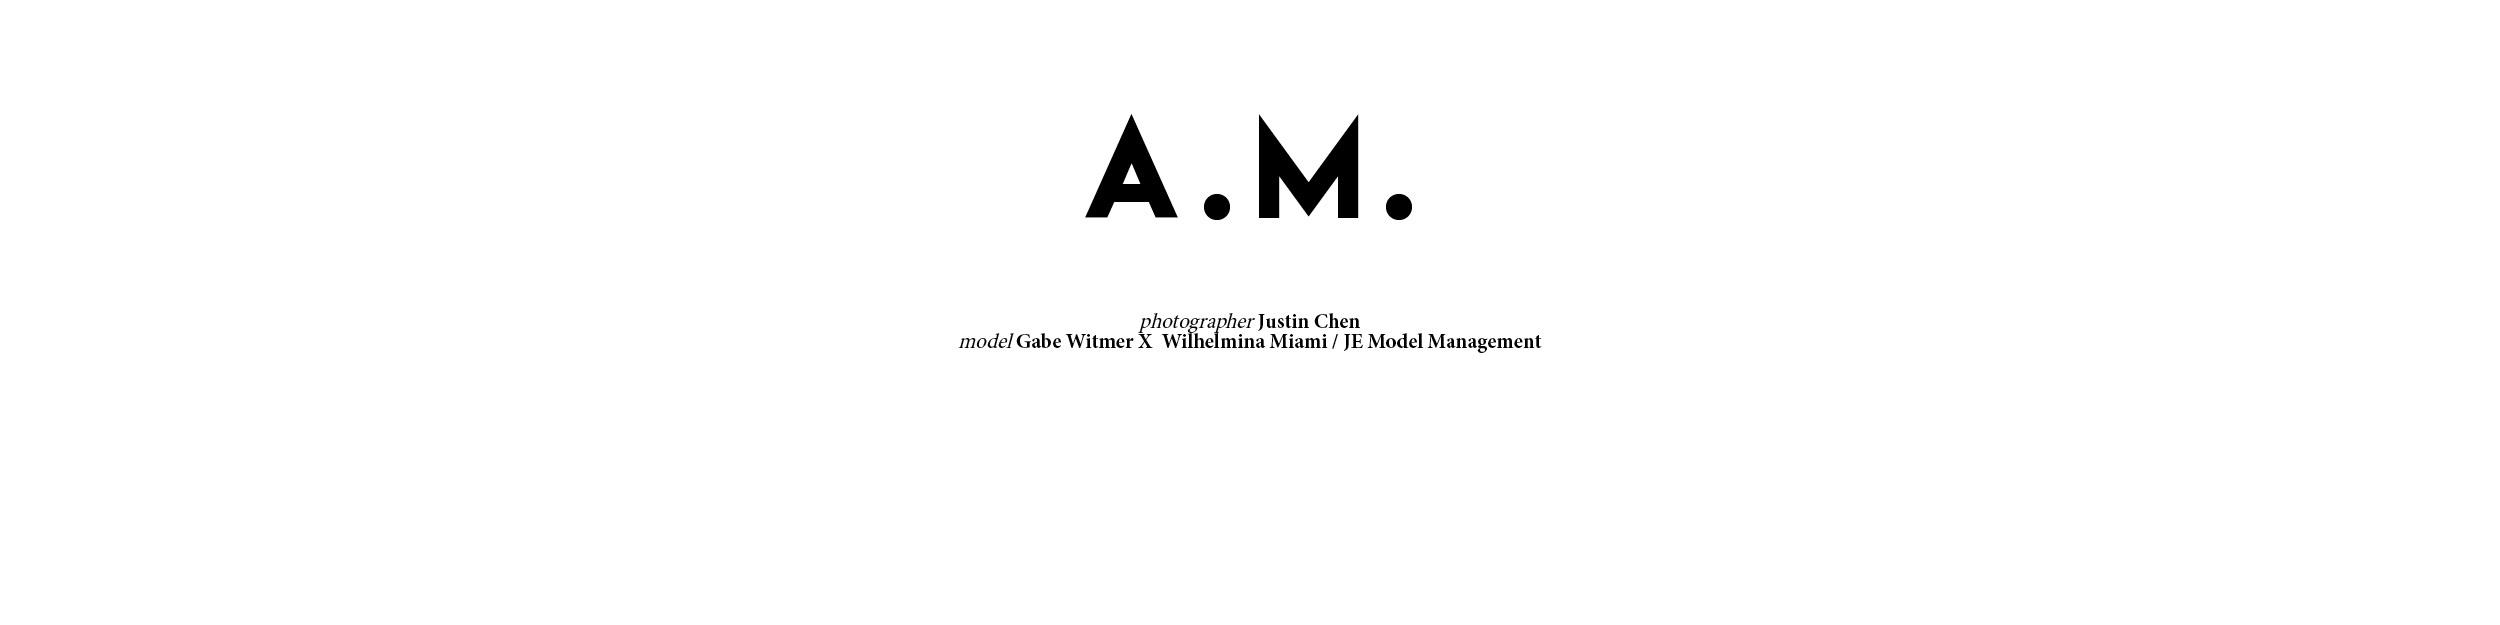 AM_title.jpg